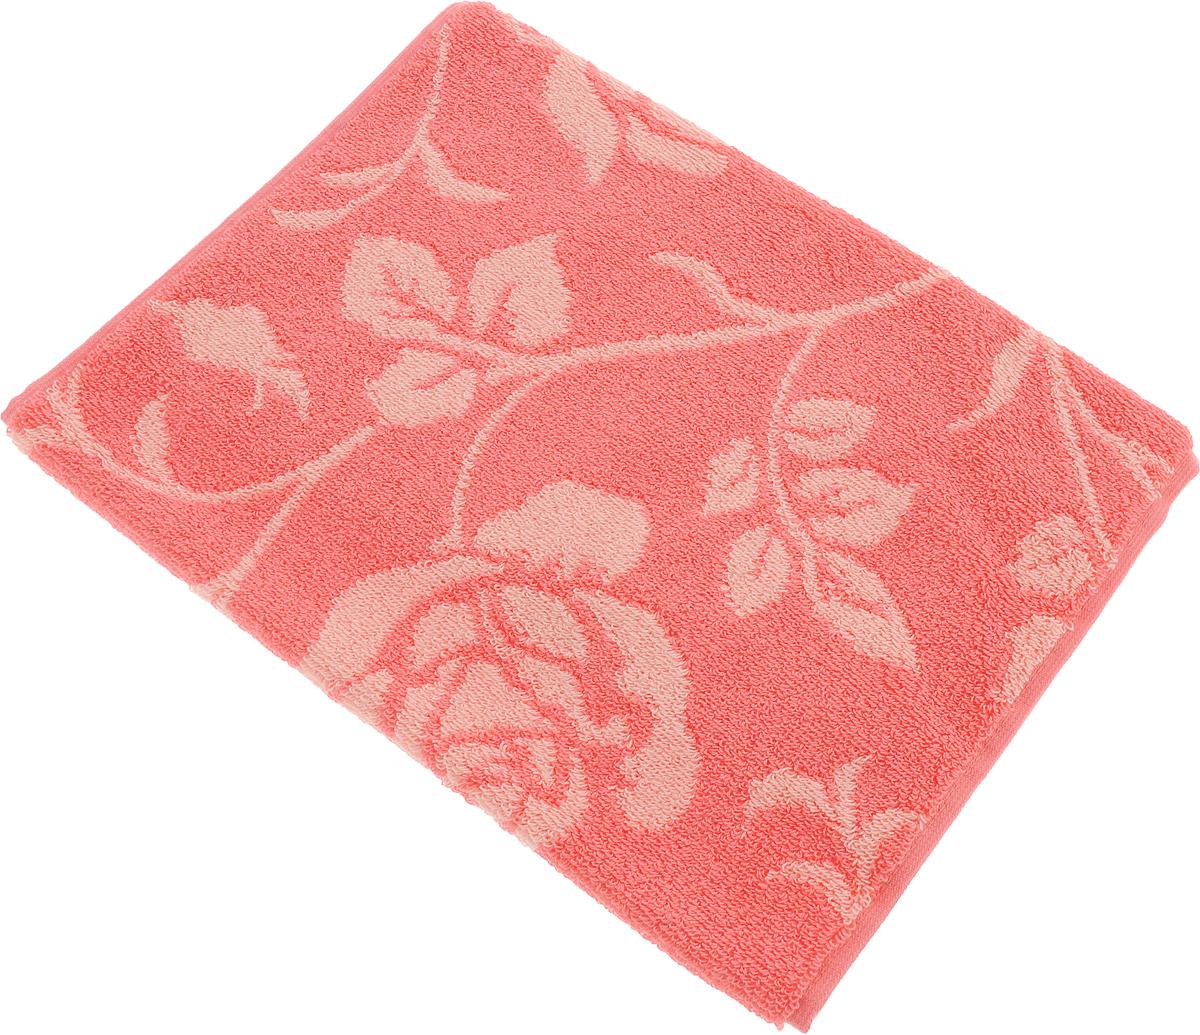 Полотенце Aquarelle Розы 2, цвет: розово-персиковый, коралловый, 35 х 70 см710657Банное полотенце Aquarelle Розы 2 выполнено из махровой ткани и оформлено принтом с розами. Изделие отлично впитывает влагу, быстро сохнет, сохраняет яркость цвета и нетеряет форму даже после многократных стирок.Такое полотенце очень практично и неприхотливо в уходе.